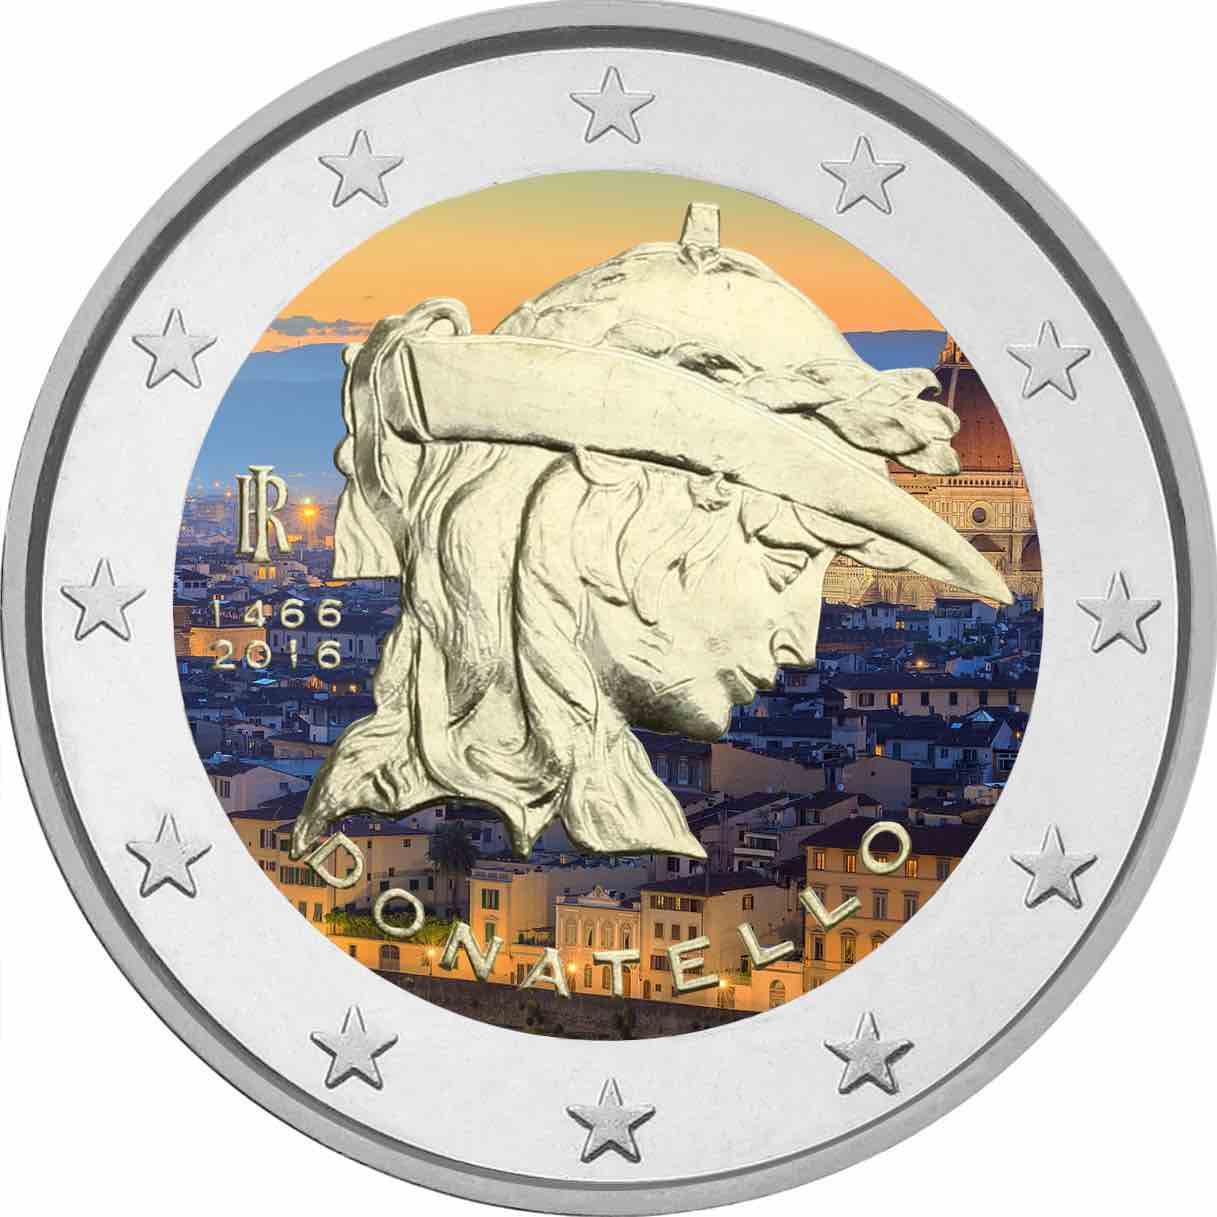 2€, Εγχρωμο, Ντονατέλλο, Ιταλία, 2016 2 ευρώ